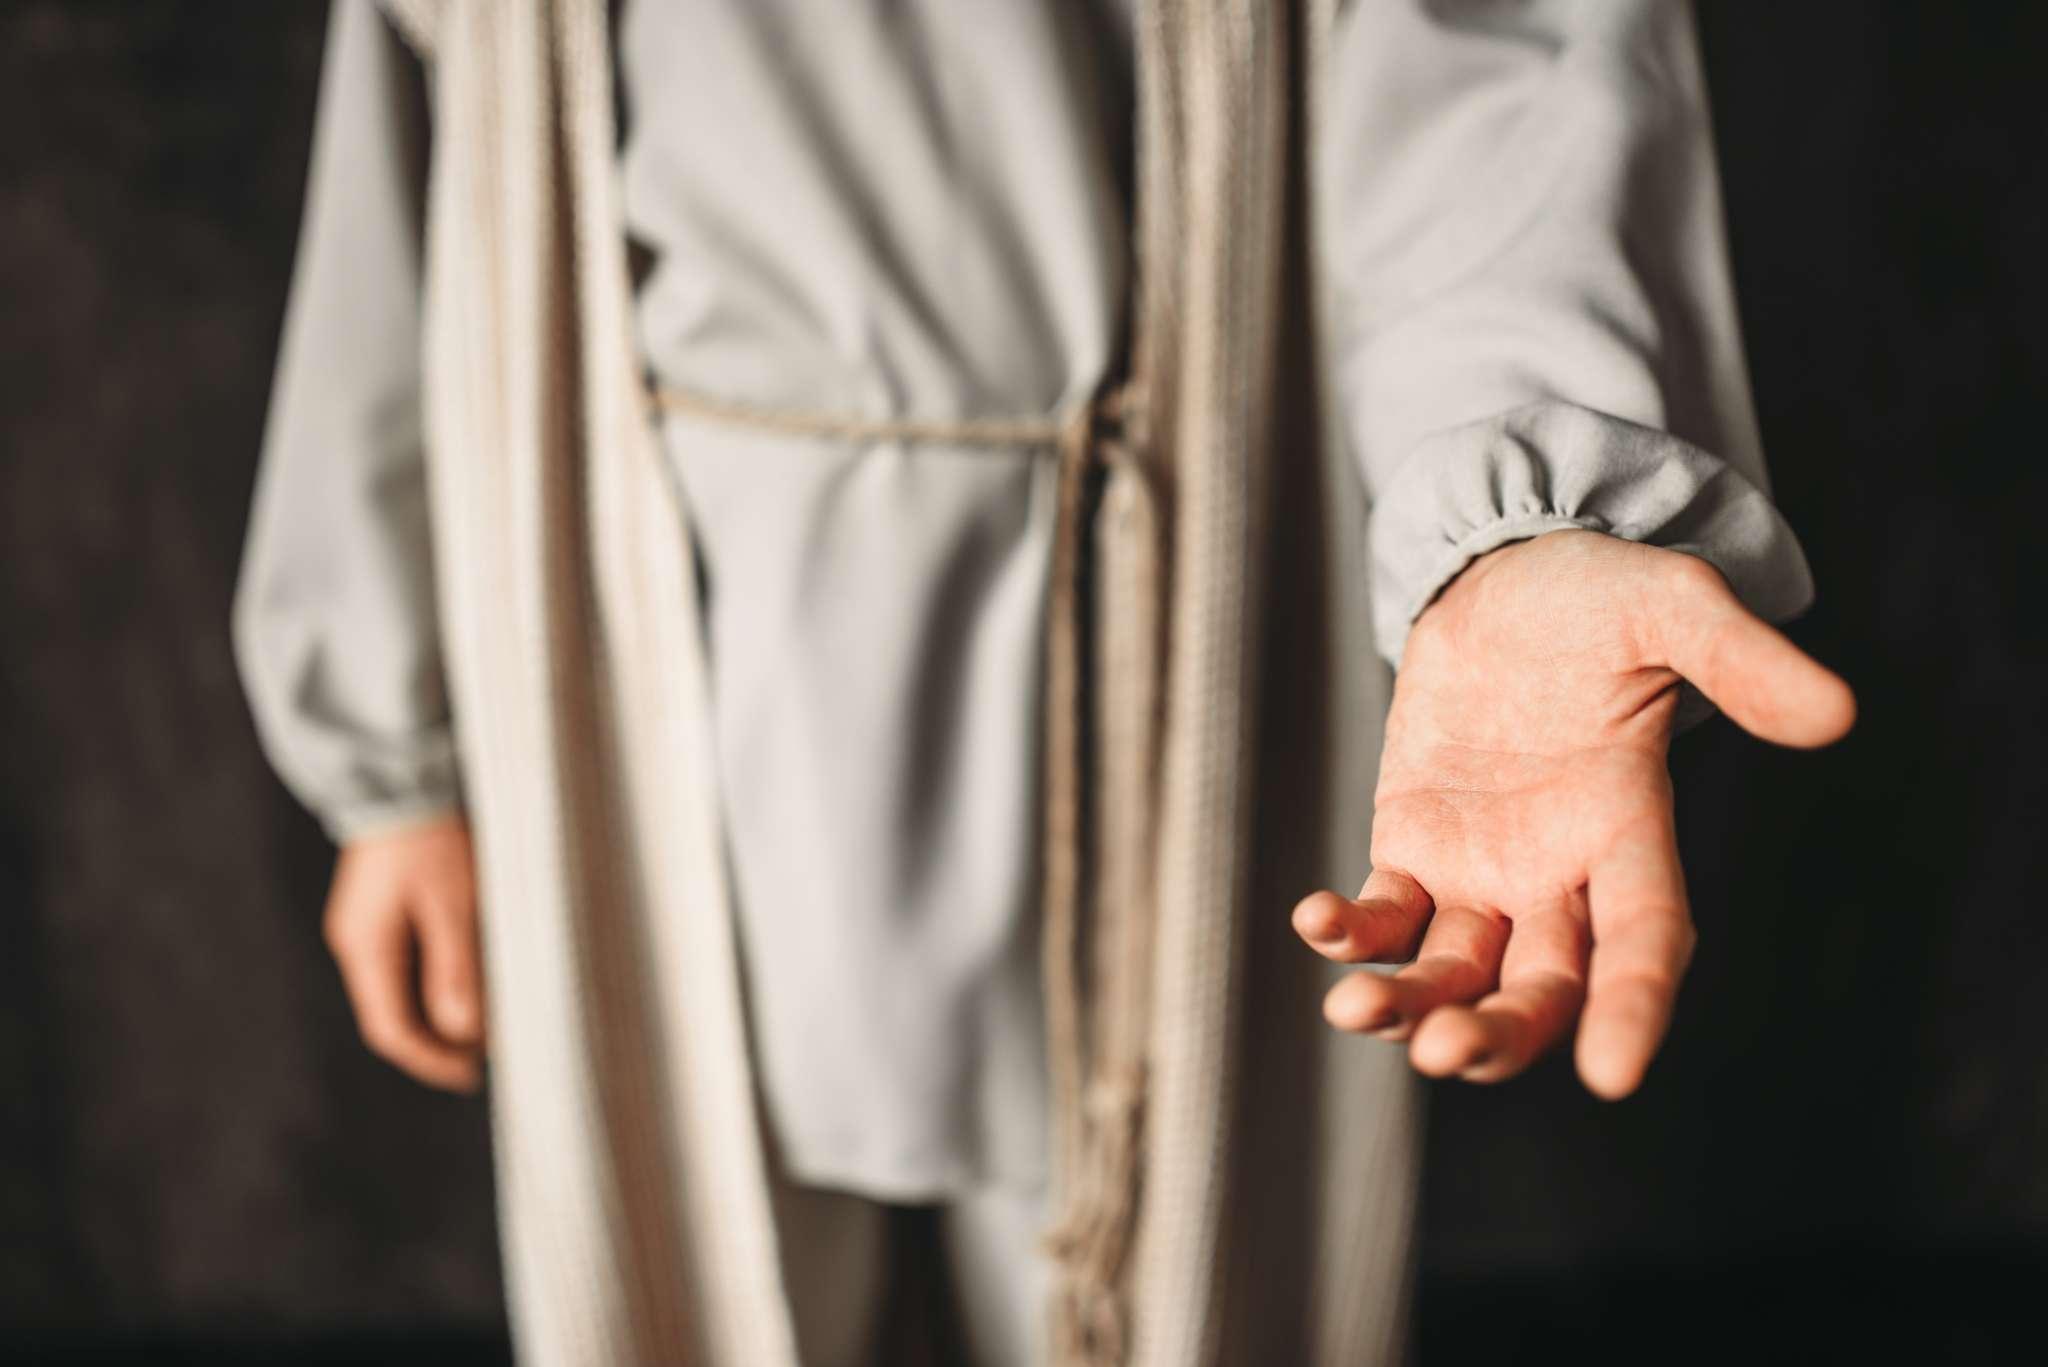 El Evangelio del 4 de julio, habla de cómo Dios transforma la realidad del hombre, que solo con la mirada de la fe puede alcanzar la Verdad.